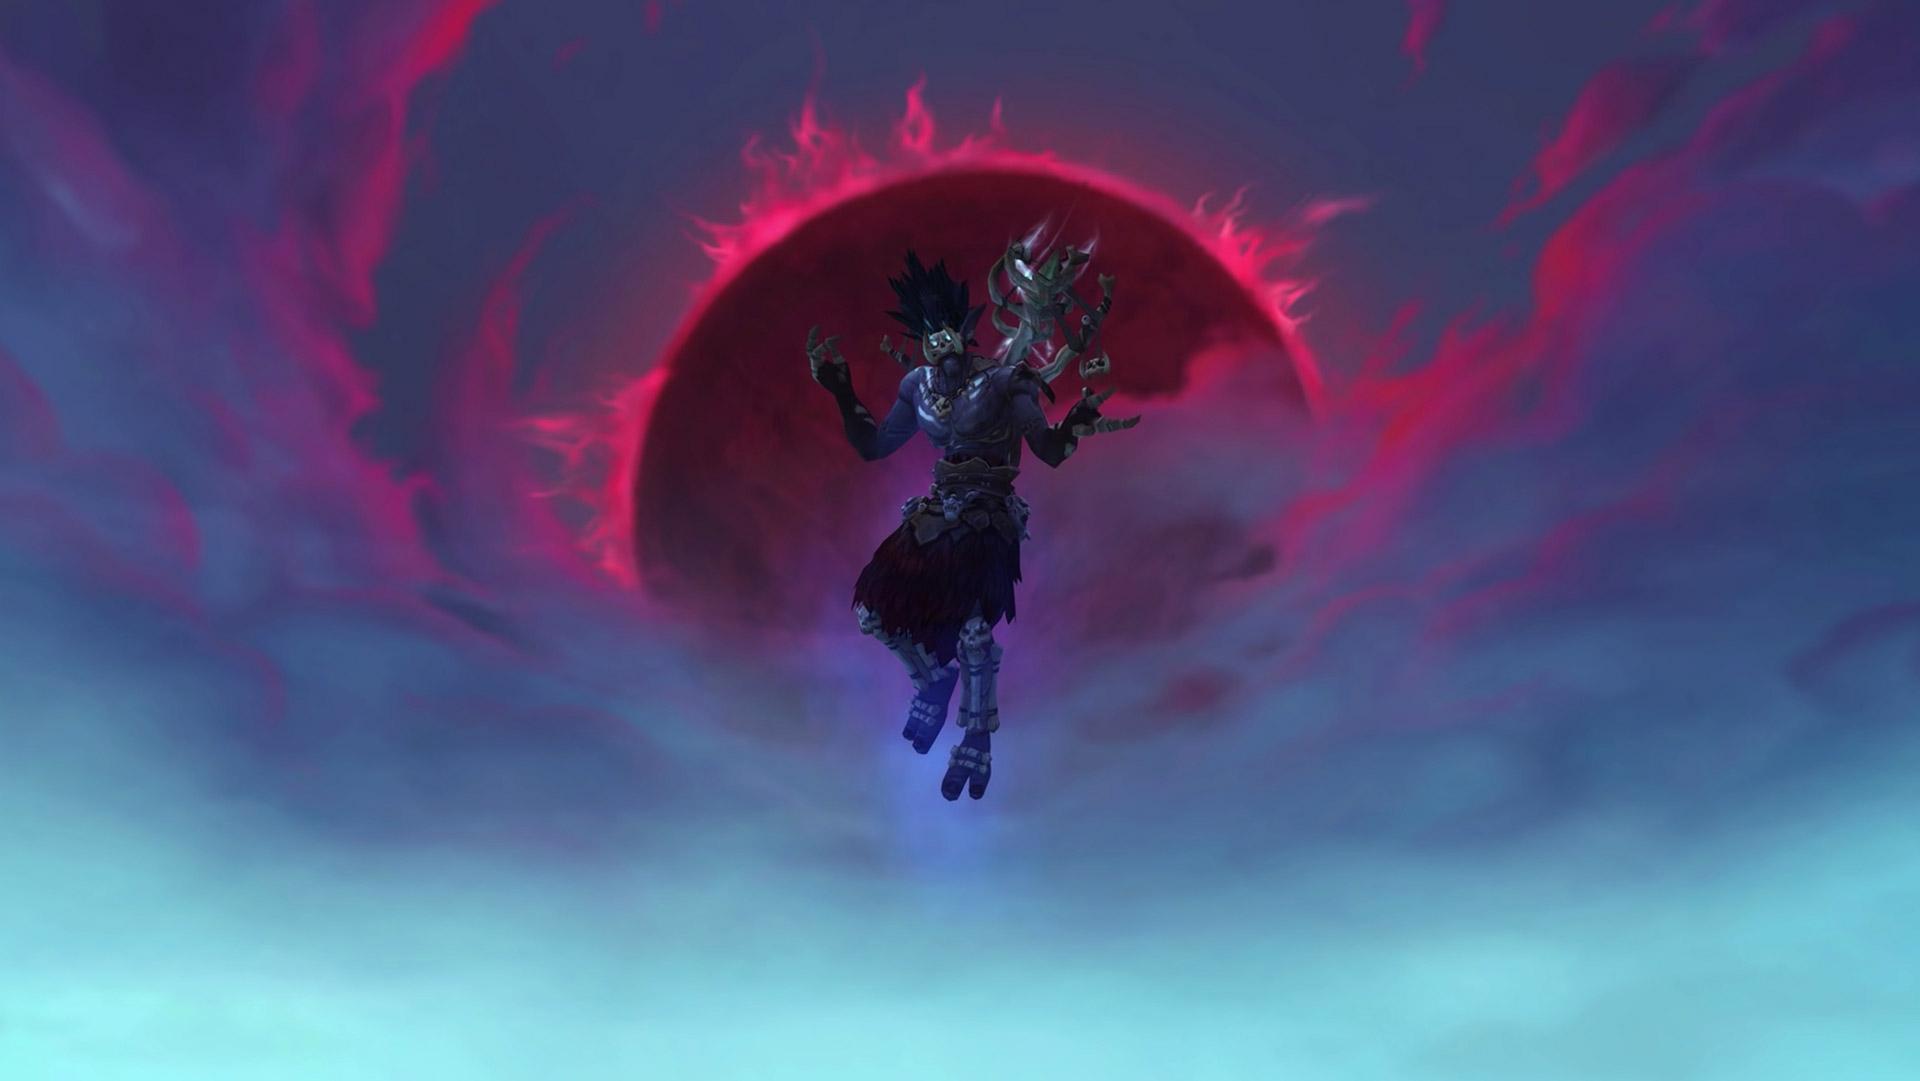 Lors de la saison 2 de mythique +, Bwonsamdi tente de vous submerger en réanimant les esprits vaincus